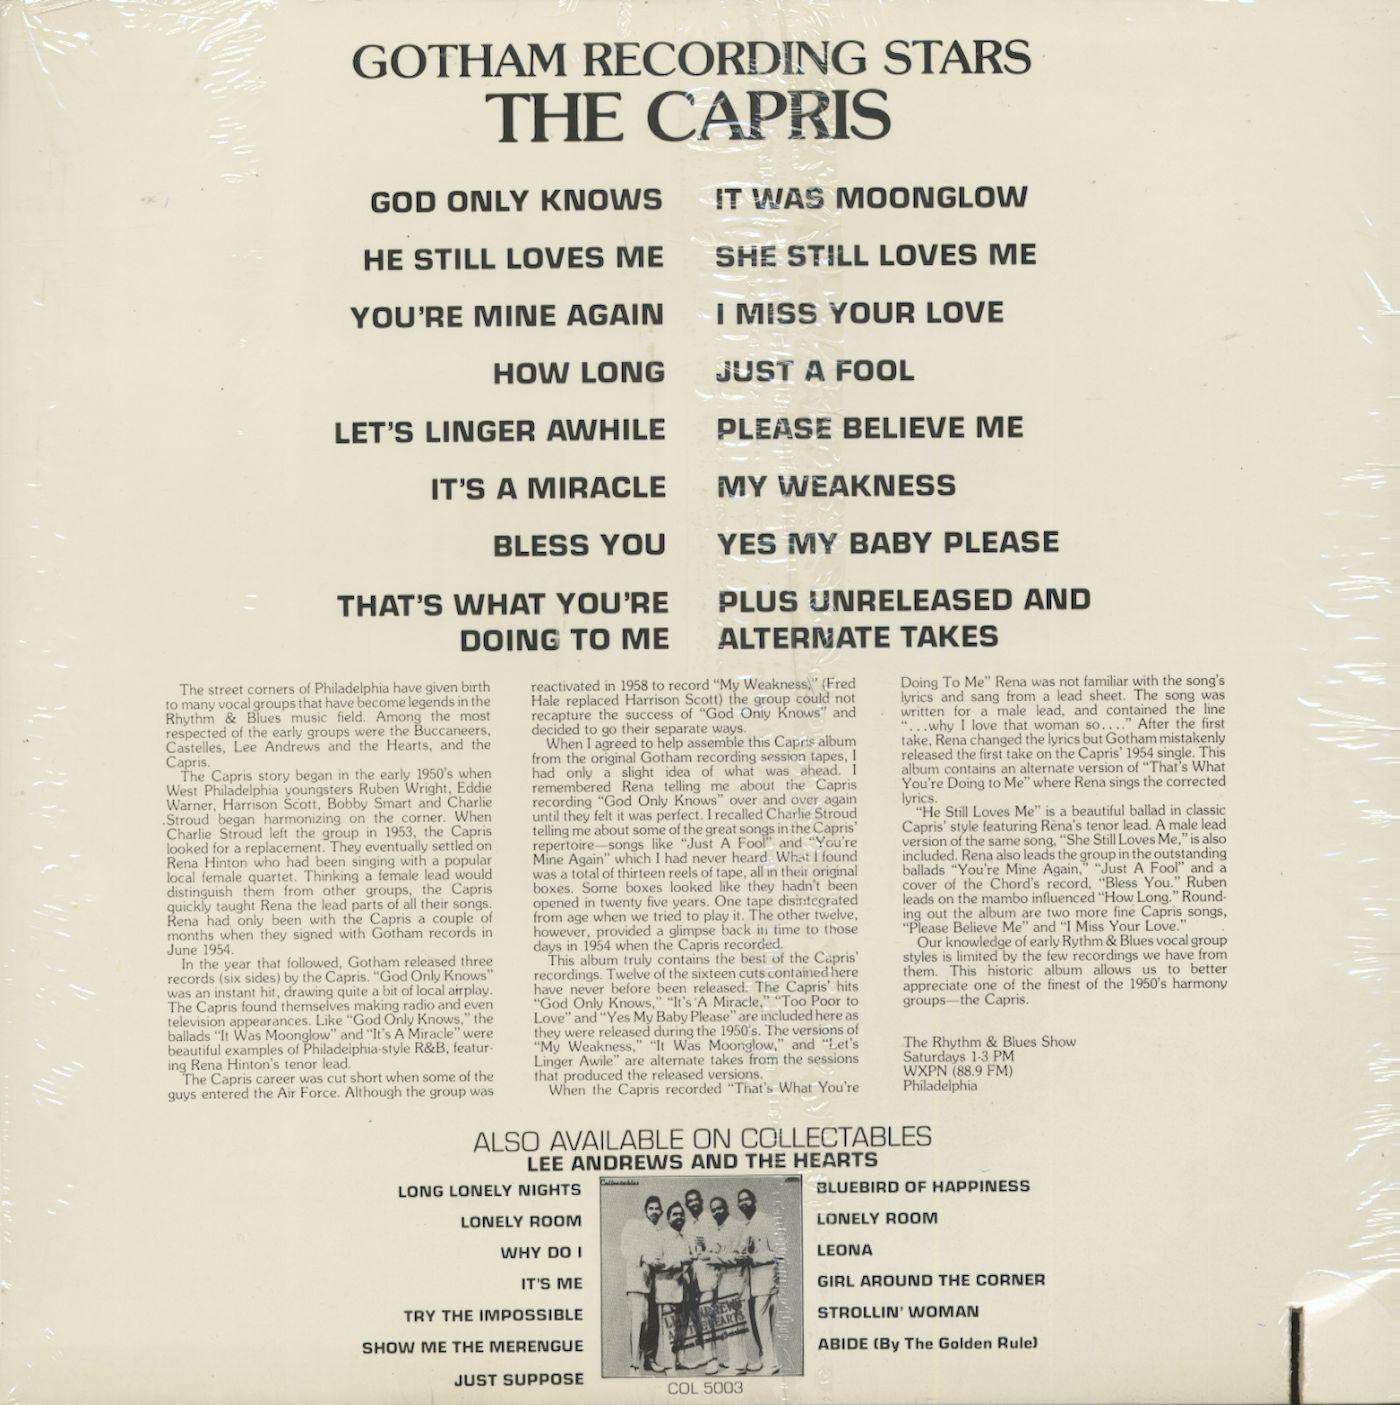 The Capris Gotham Recording Stars (LP)